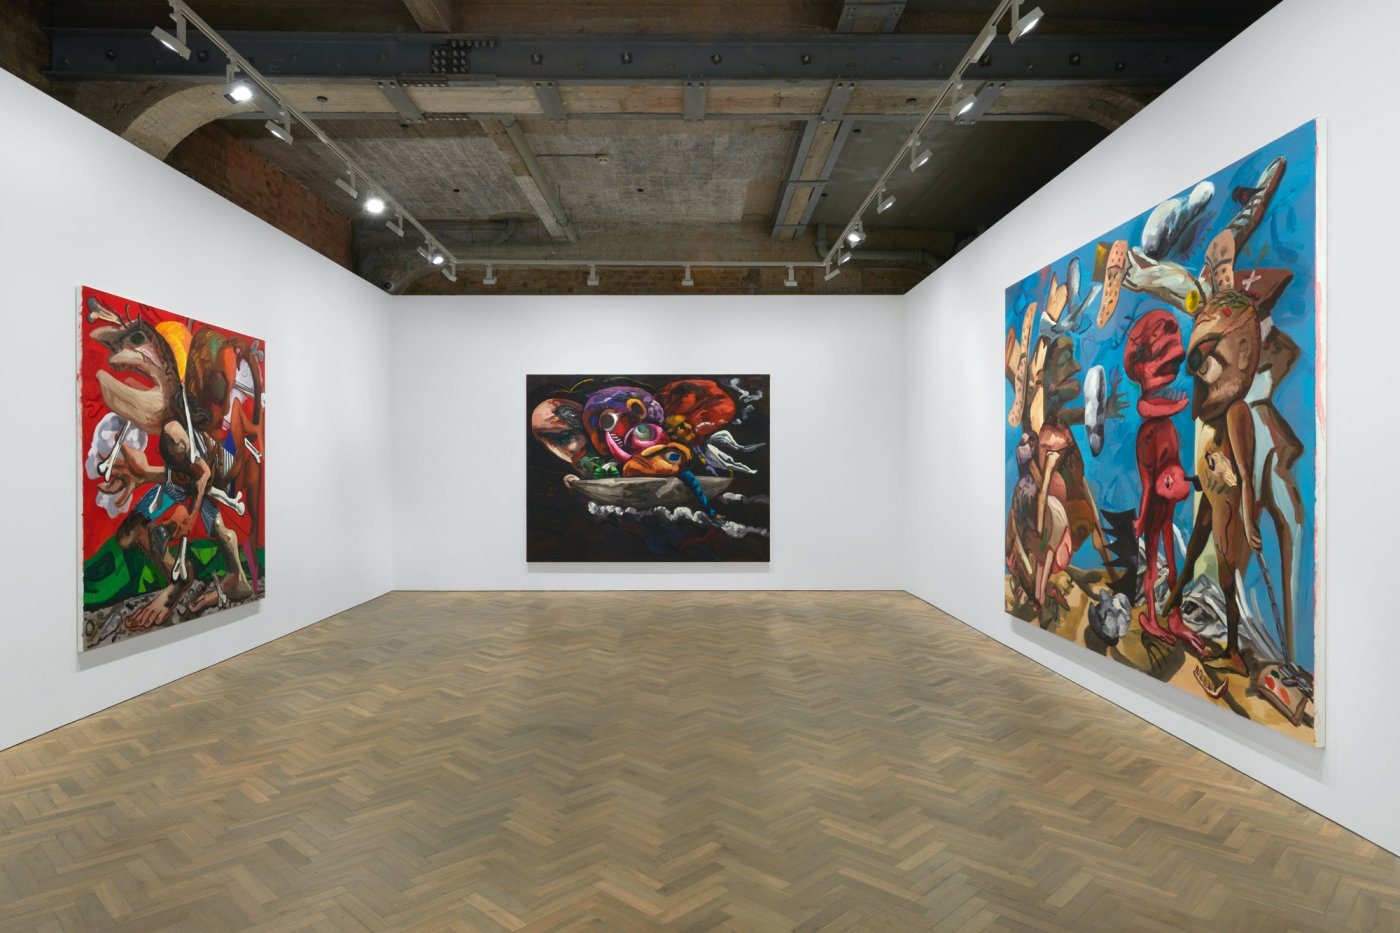 Thomas Dane Gallery Dana Schutz 2